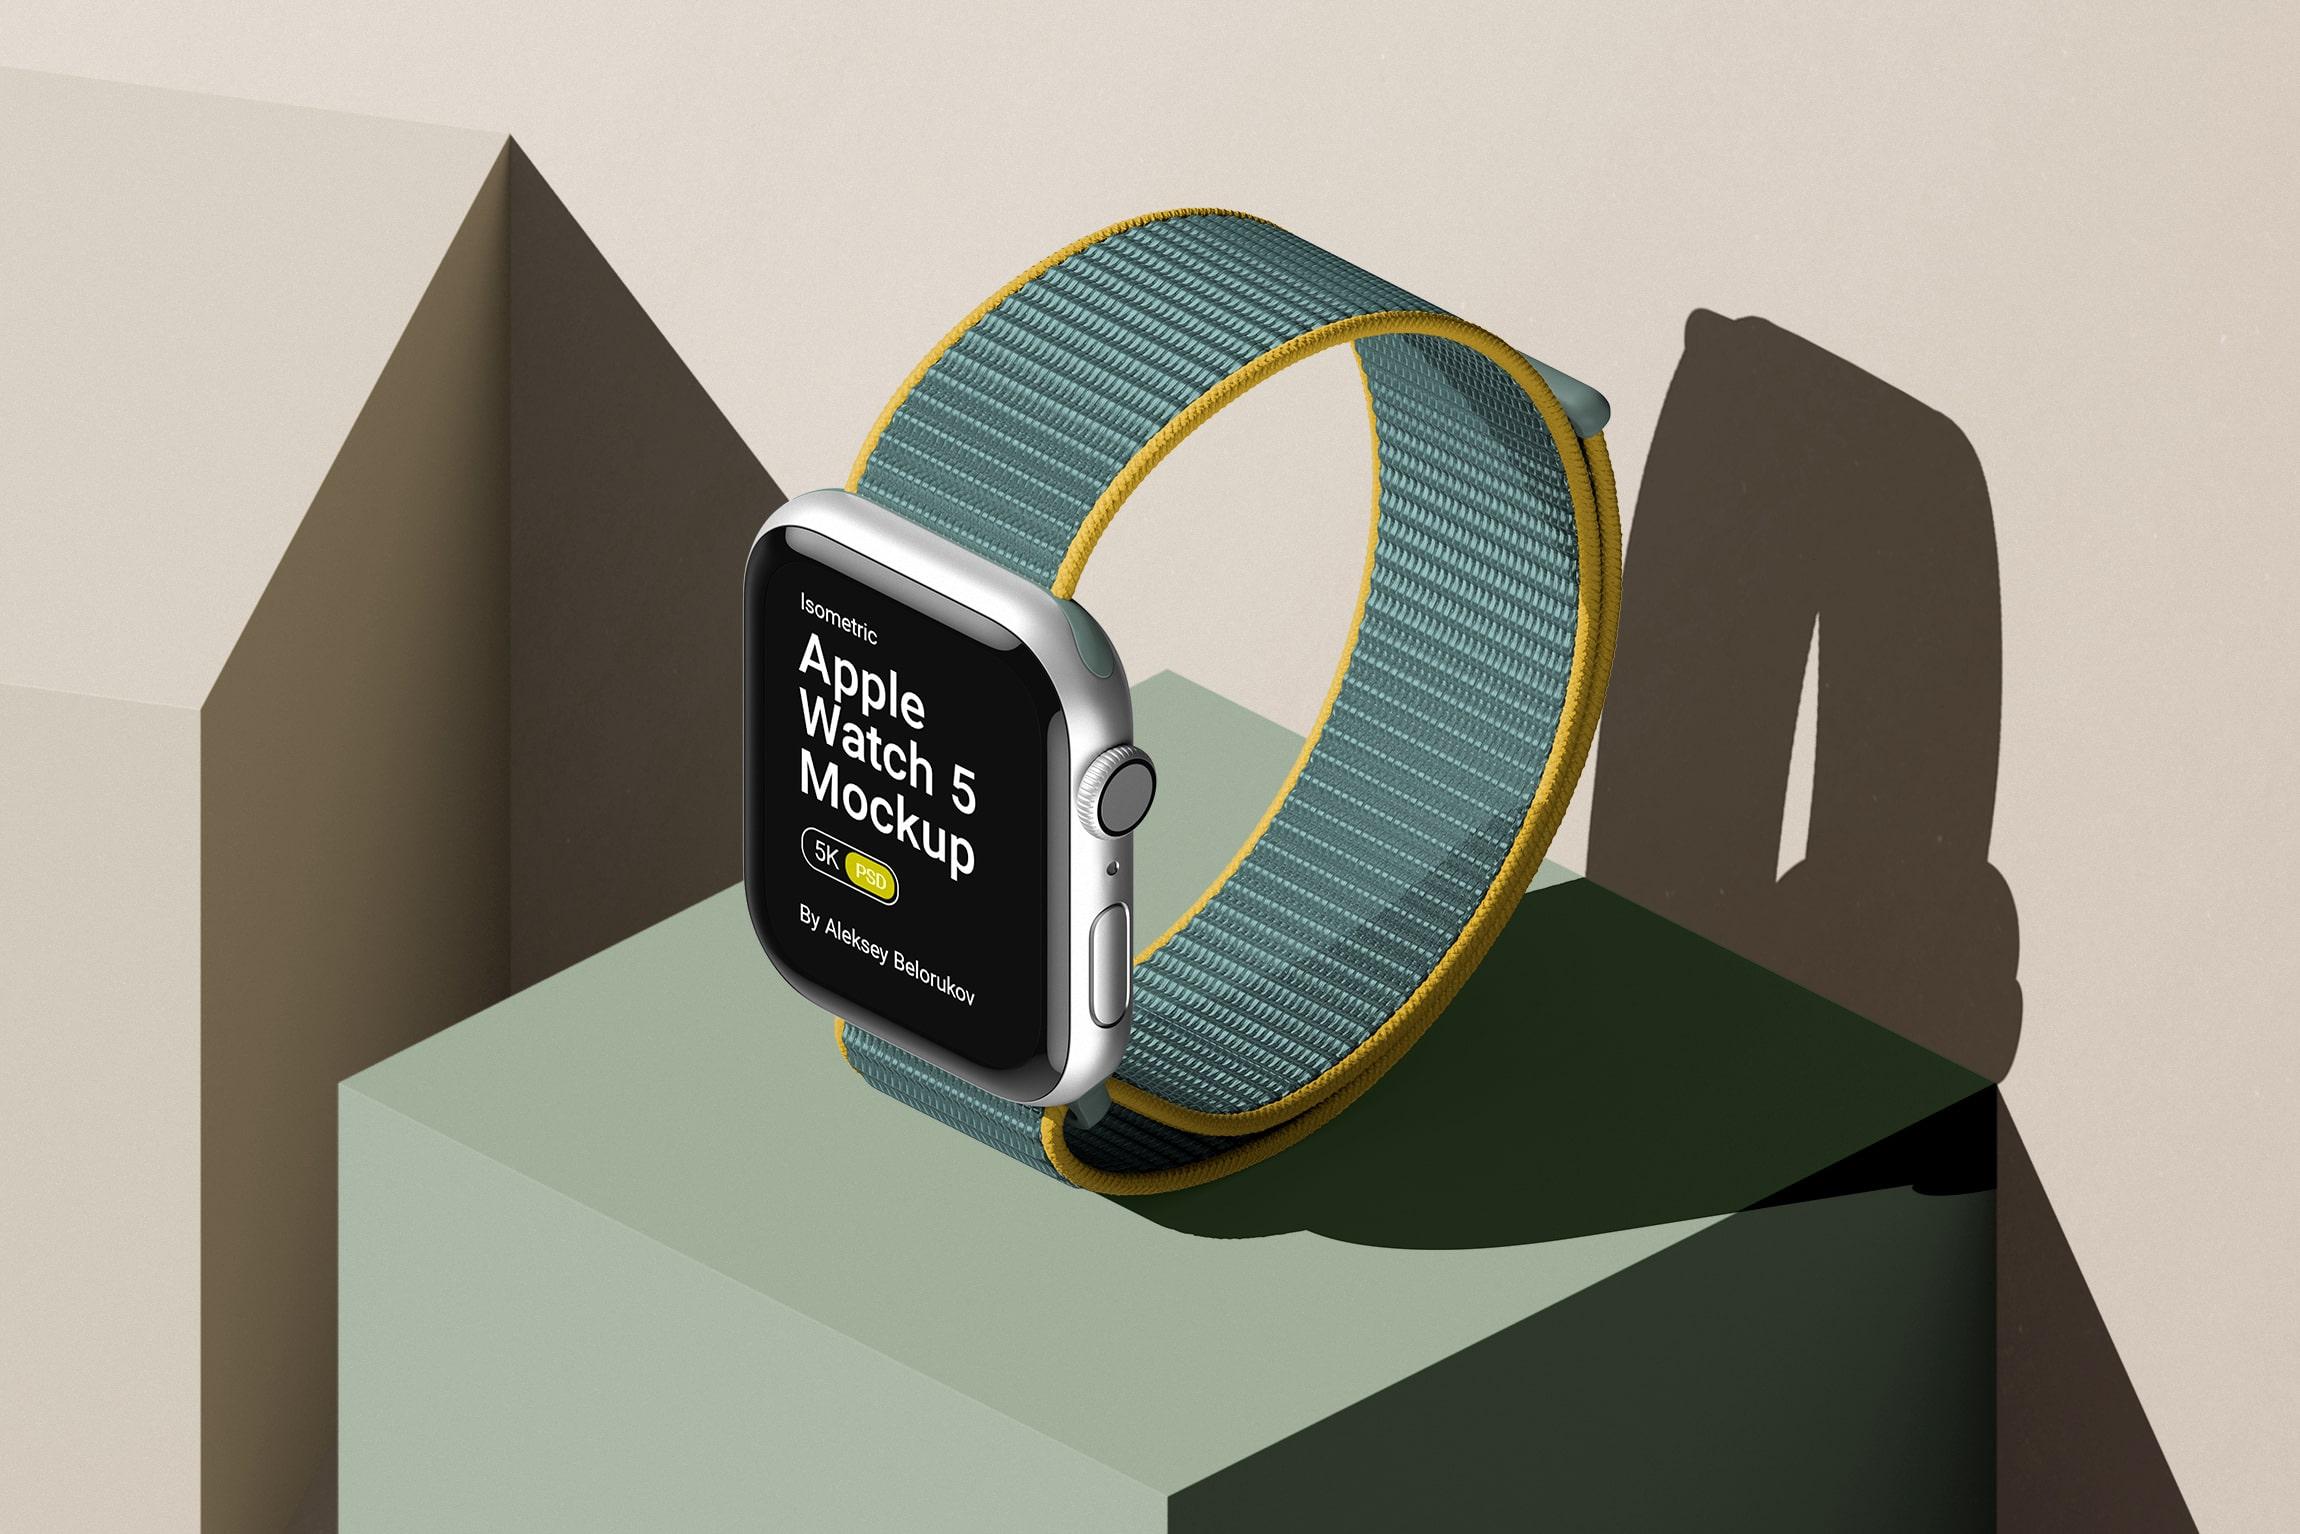 [单独购买] 16款时尚等距APP界面设计苹果设备屏幕演示场景样机模板套装 Device Pack Mockups – Isometric插图21